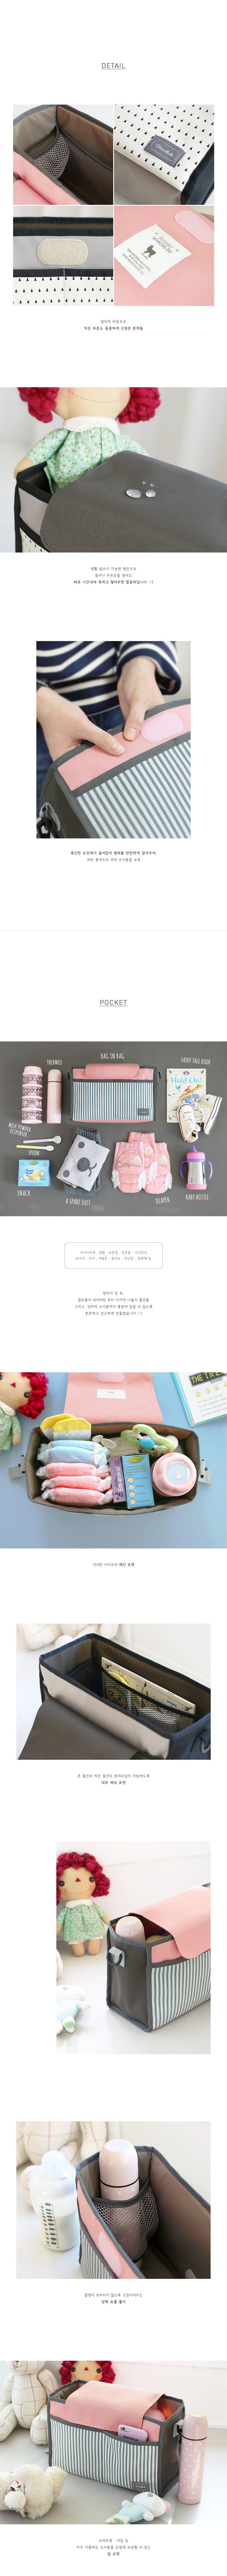 베이비 백인백 솔리드 - 핑크 (기저귀가방.유모차정리함) - 코니테일, 33,000원, 파우치/보조가방, 파우치